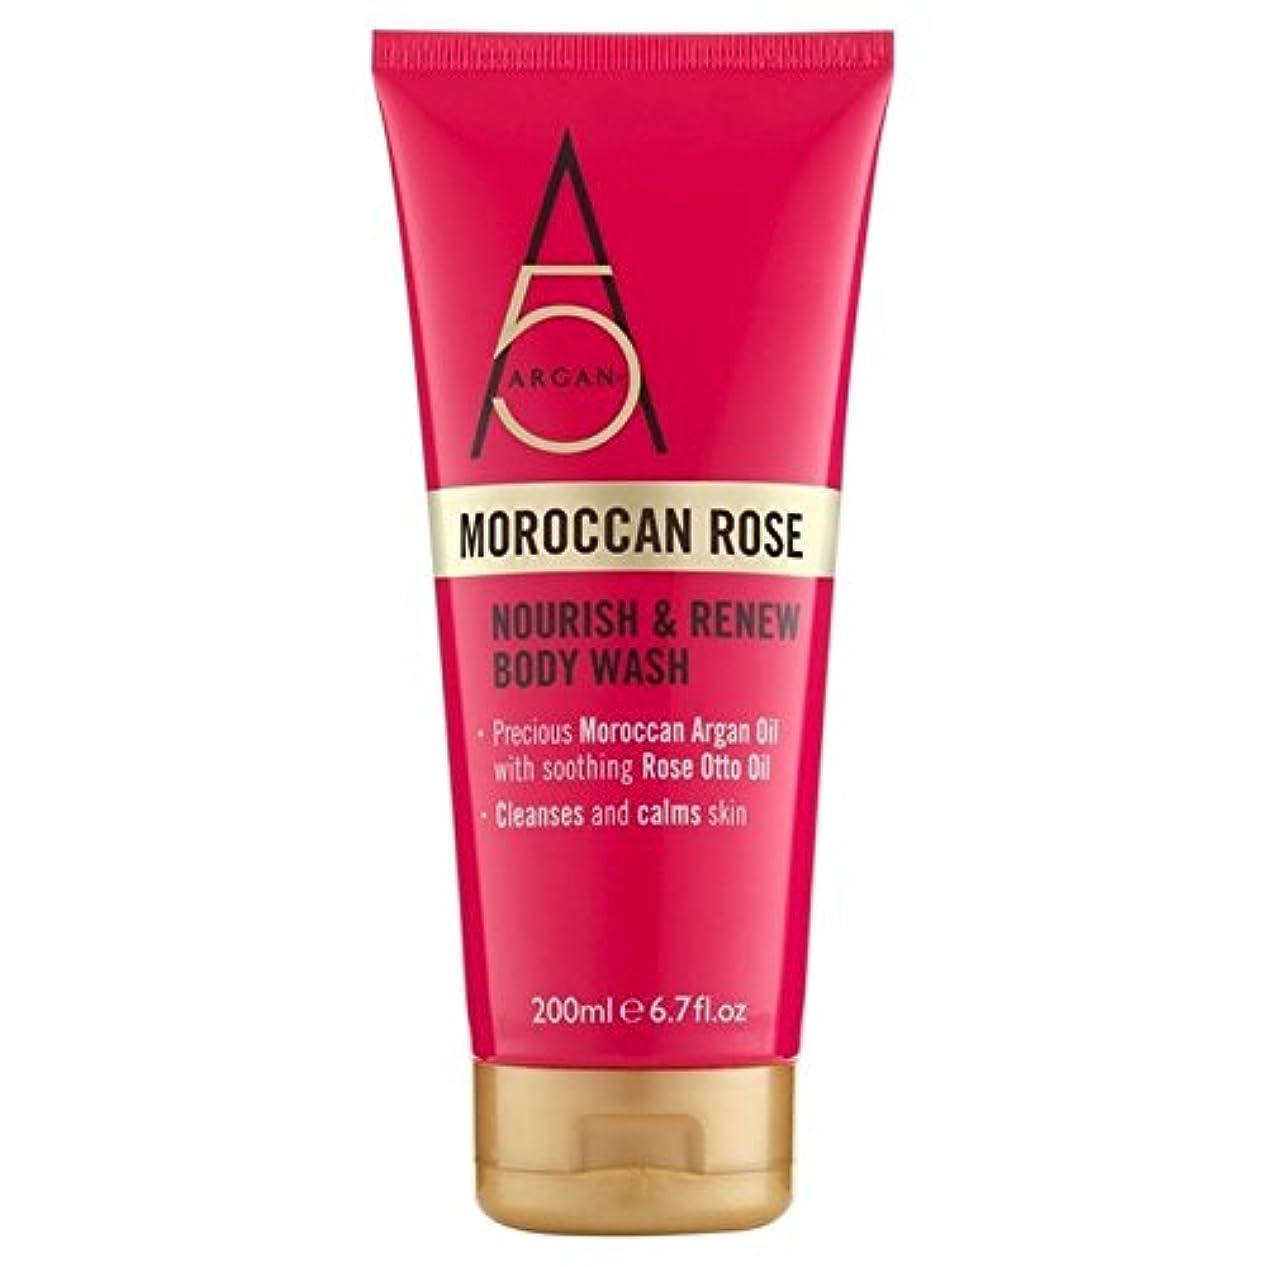 マージコンテストその他アルガン+モロッコは、ボディウォッシュ300ミリリットルをバラ x4 - Argan+ Moroccan Rose Body Wash 300ml (Pack of 4) [並行輸入品]